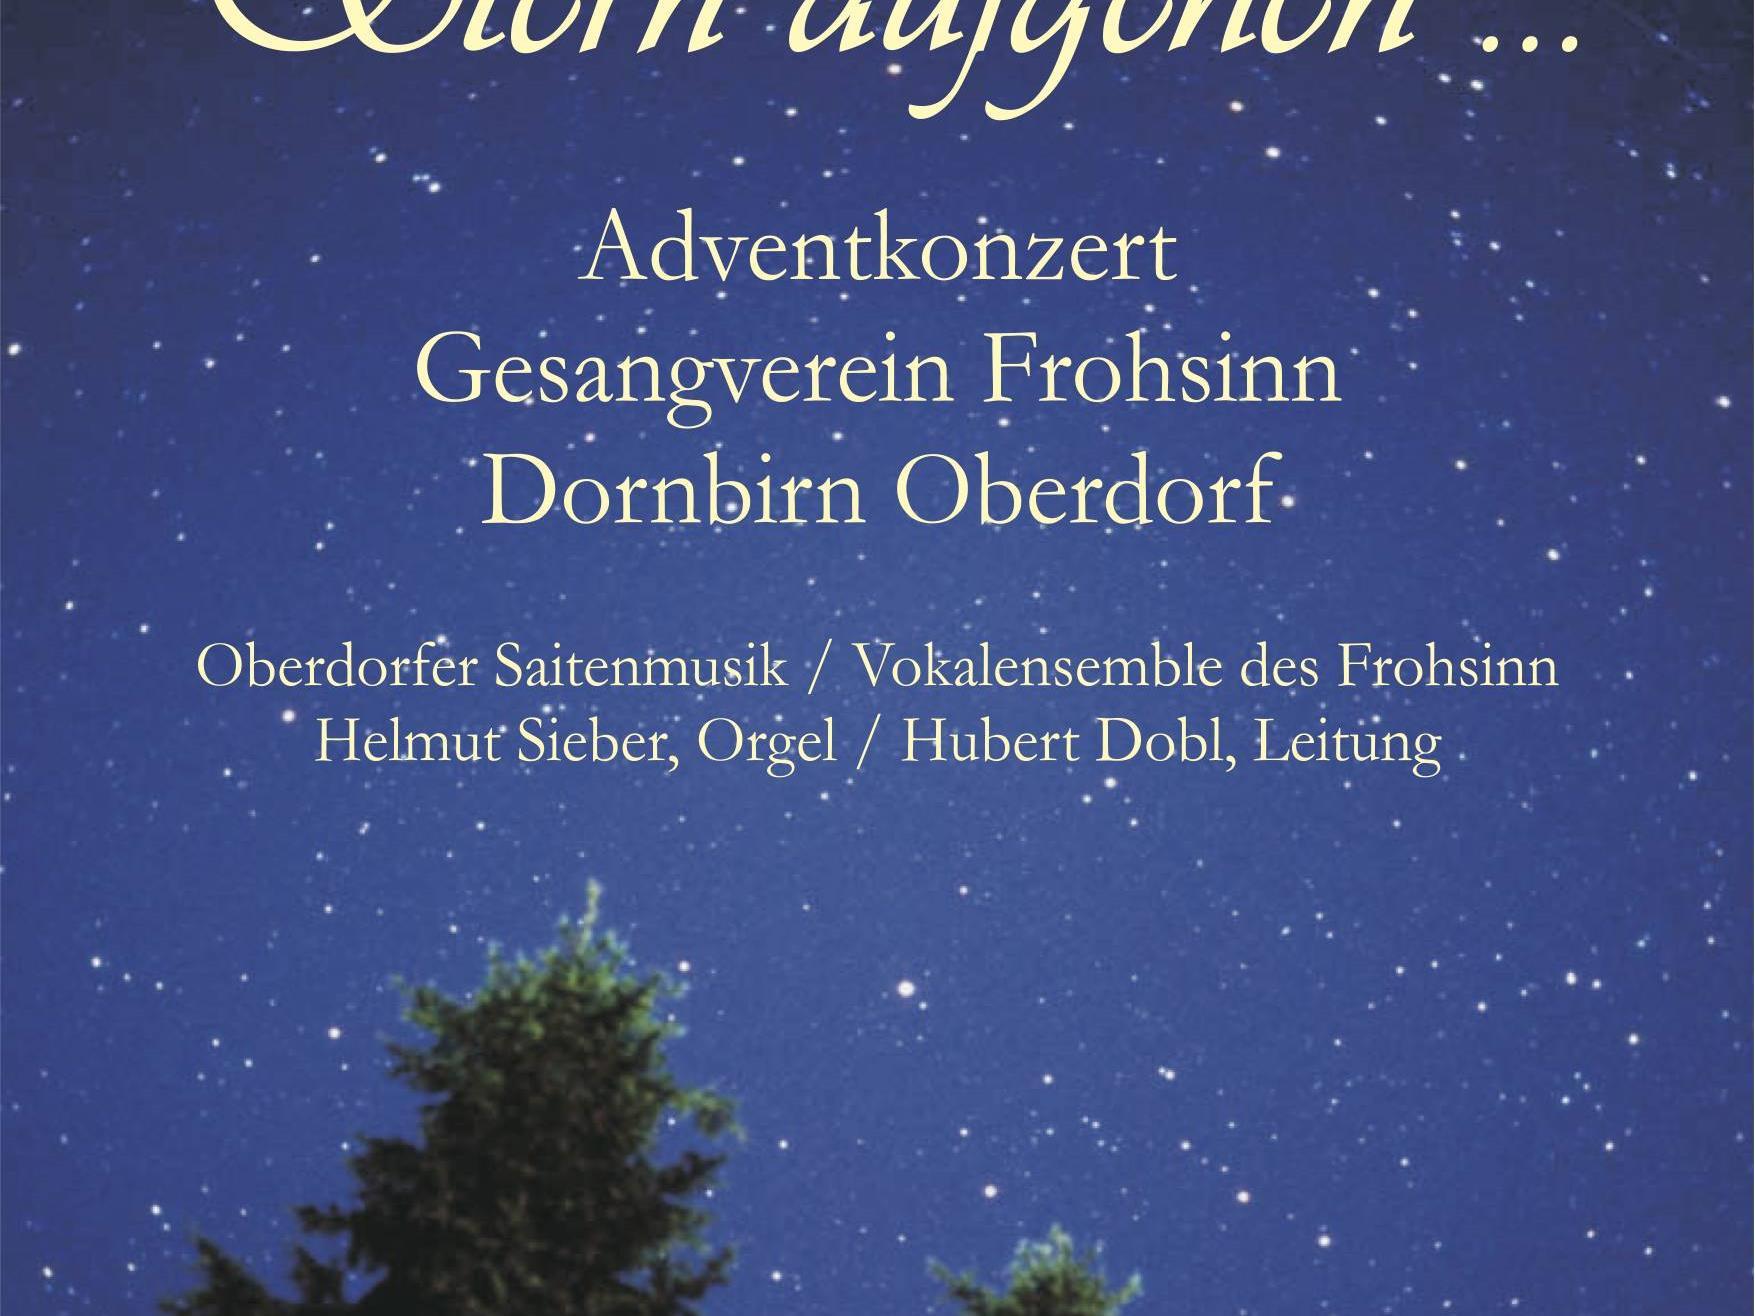 Plakat Adventkonzert 2011